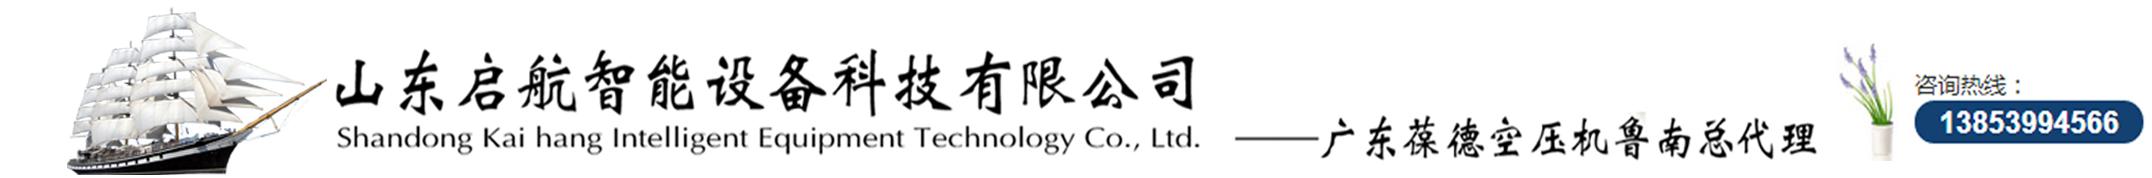 山东启航智能设备科技有限公司